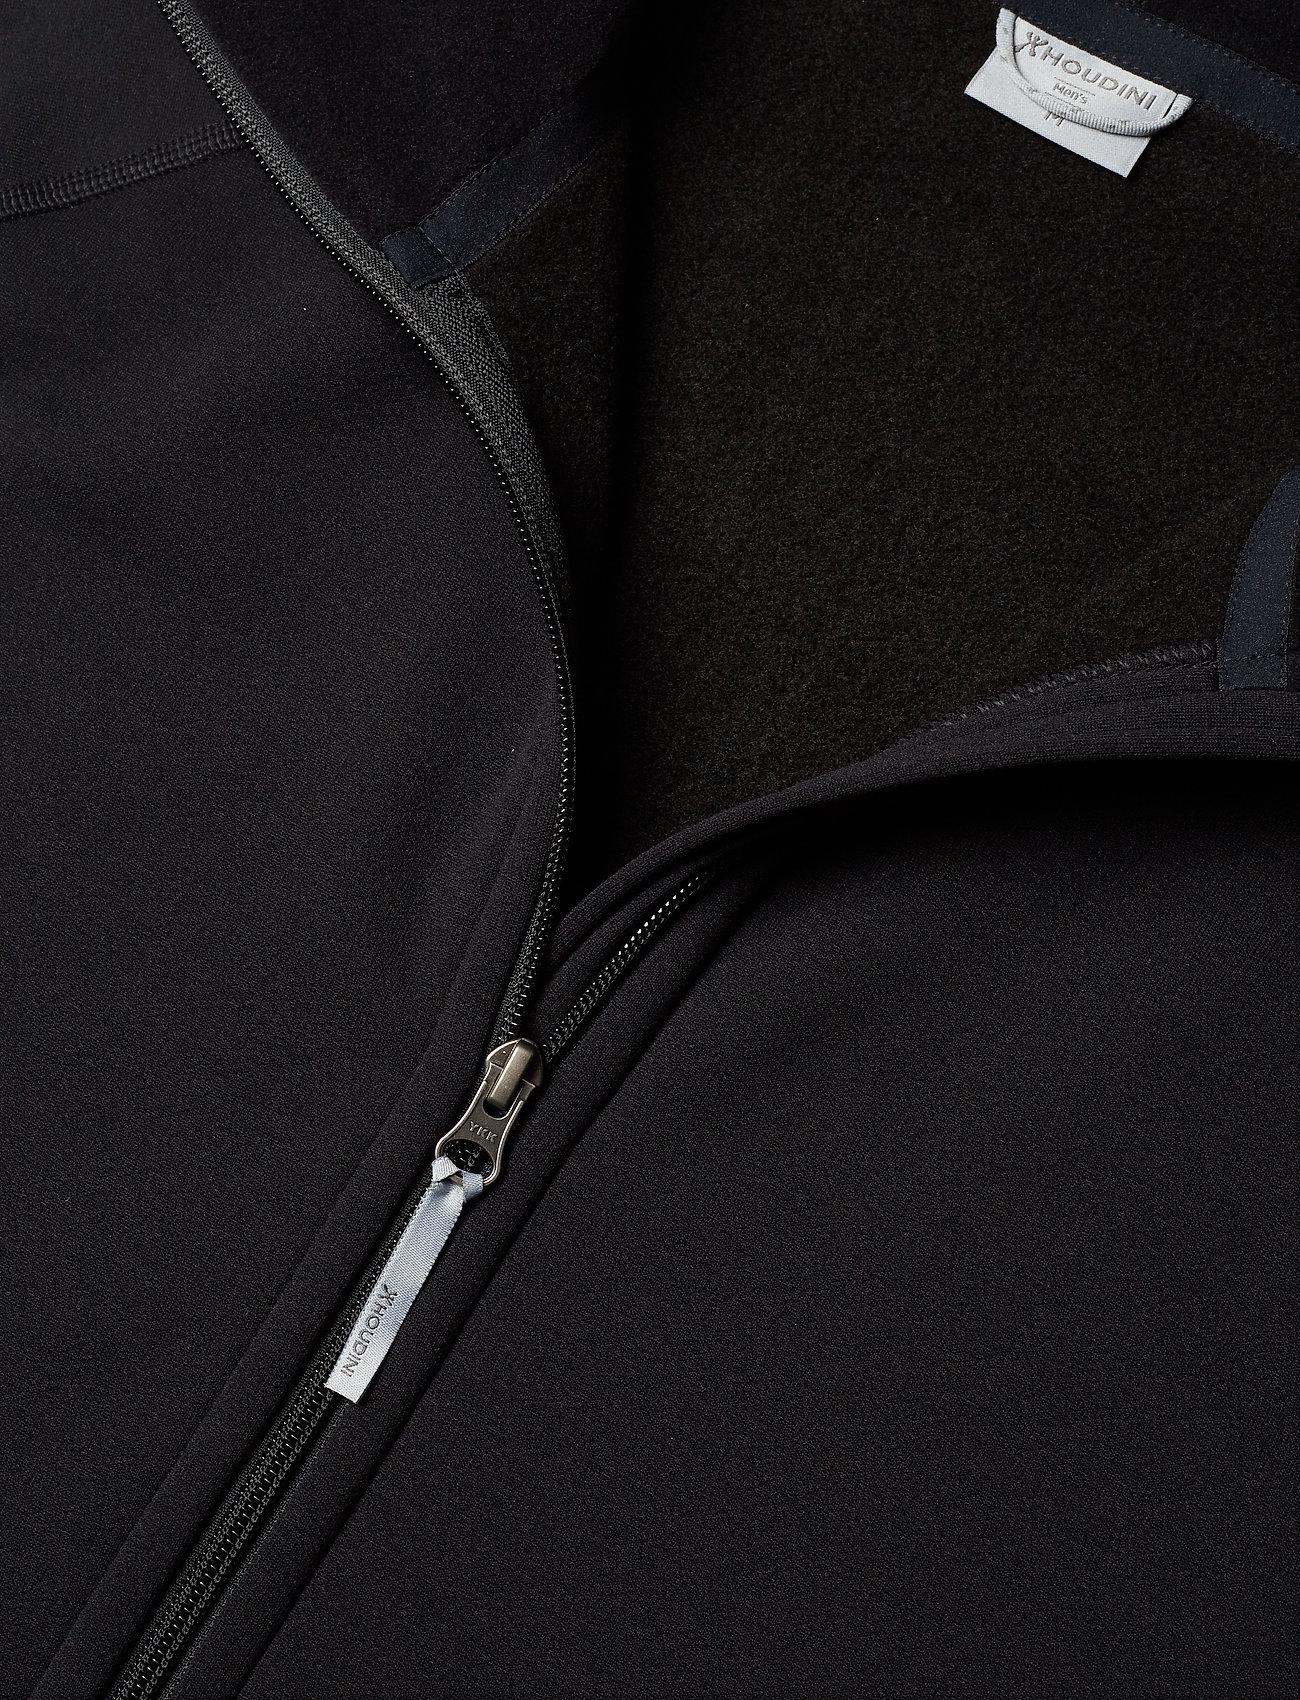 Houdini M's Power Houdi trueblack/trueblack S - Sweatshirts TRUE BLACK/TRUE BLAC - Menn Klær